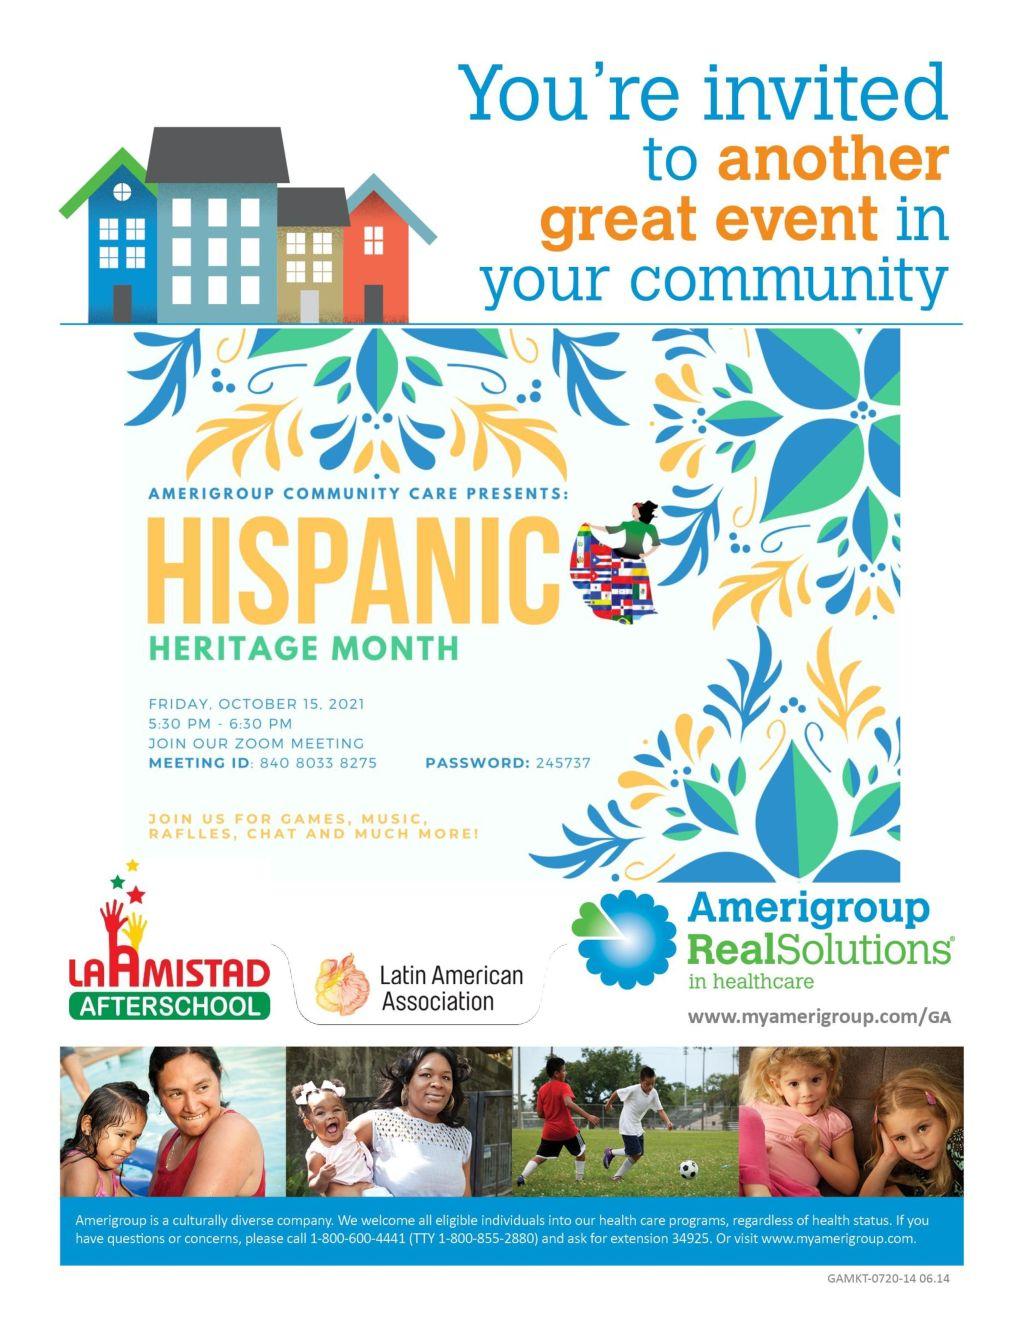 Amerigroup Hispanic Heritage Month